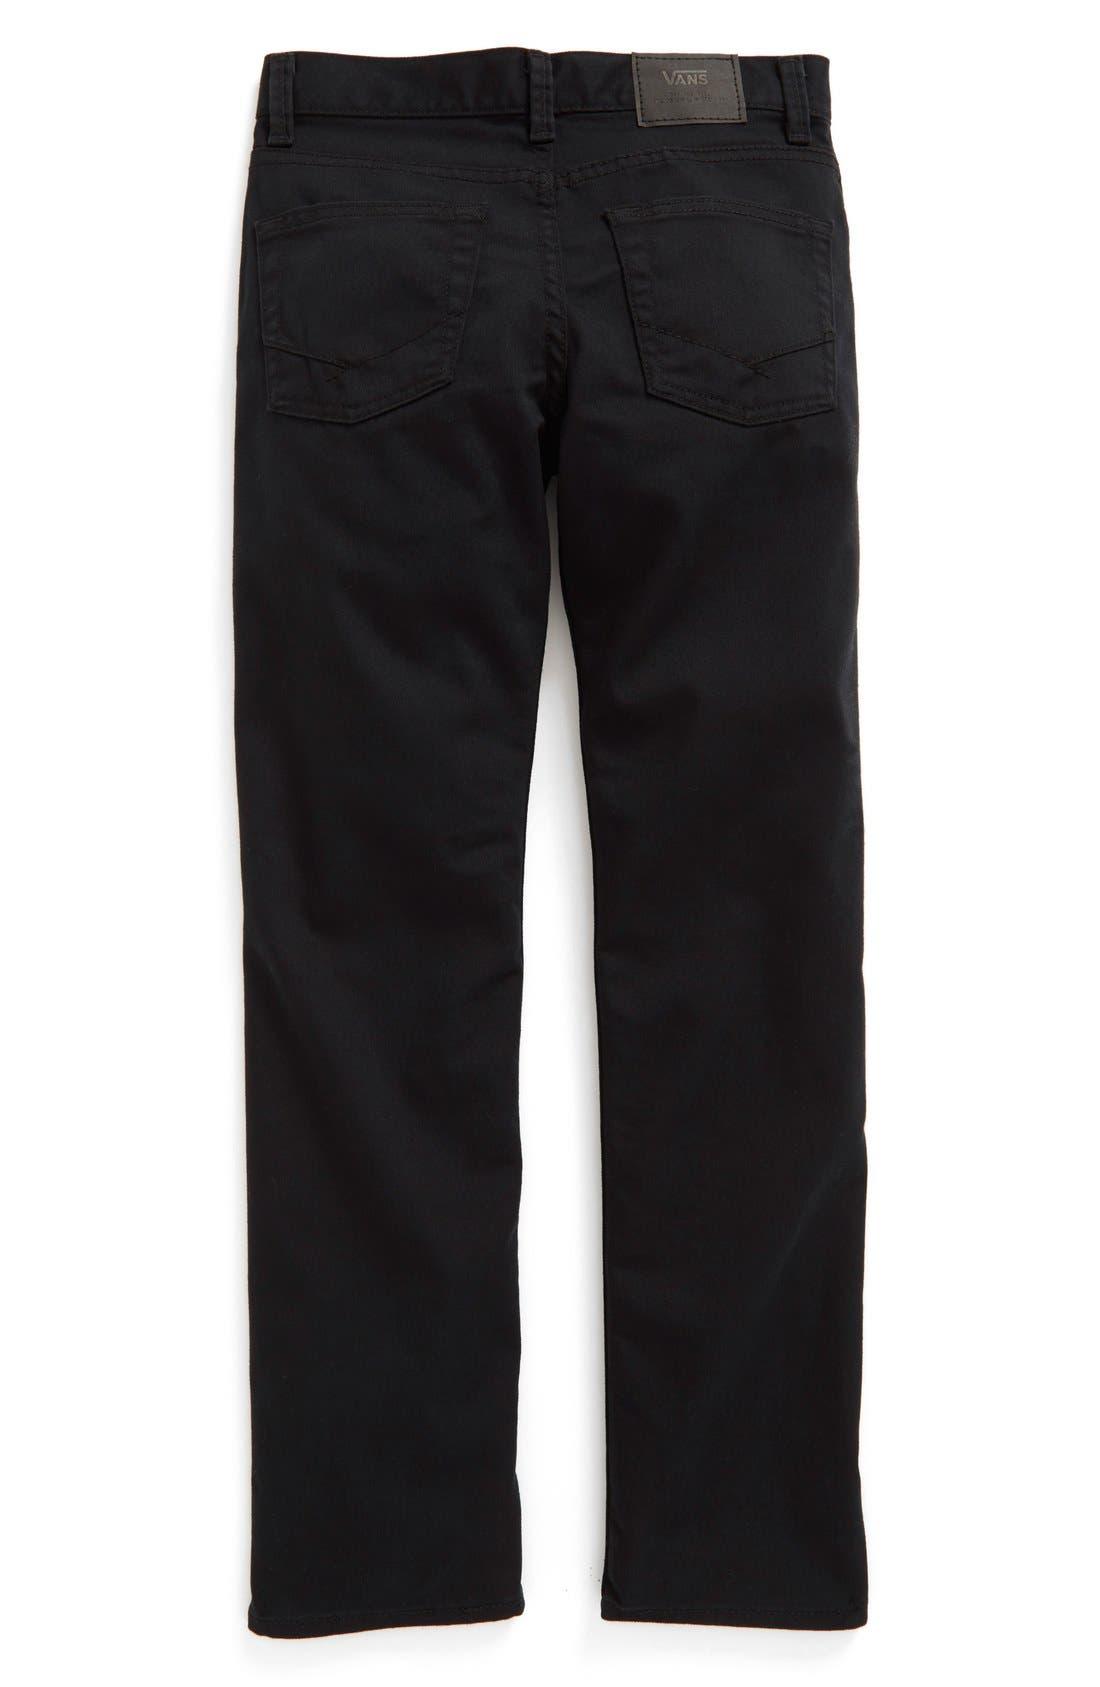 'V56 Standard AV Covina' Pants,                             Alternate thumbnail 2, color,                             Black